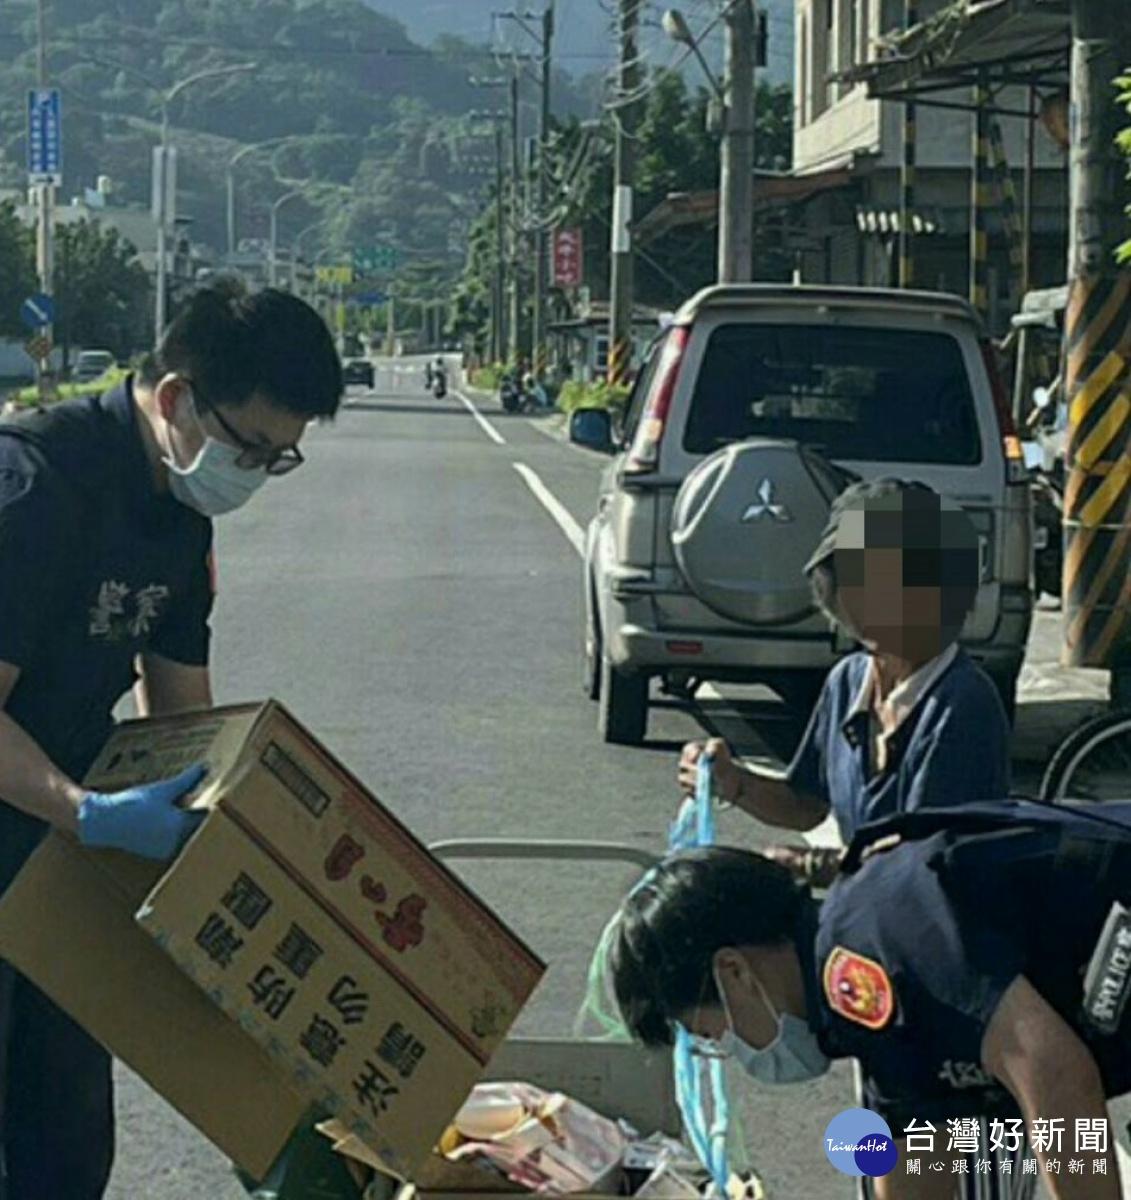 聽障老嫗回收物散落路面 警助收拾並請託村長關照